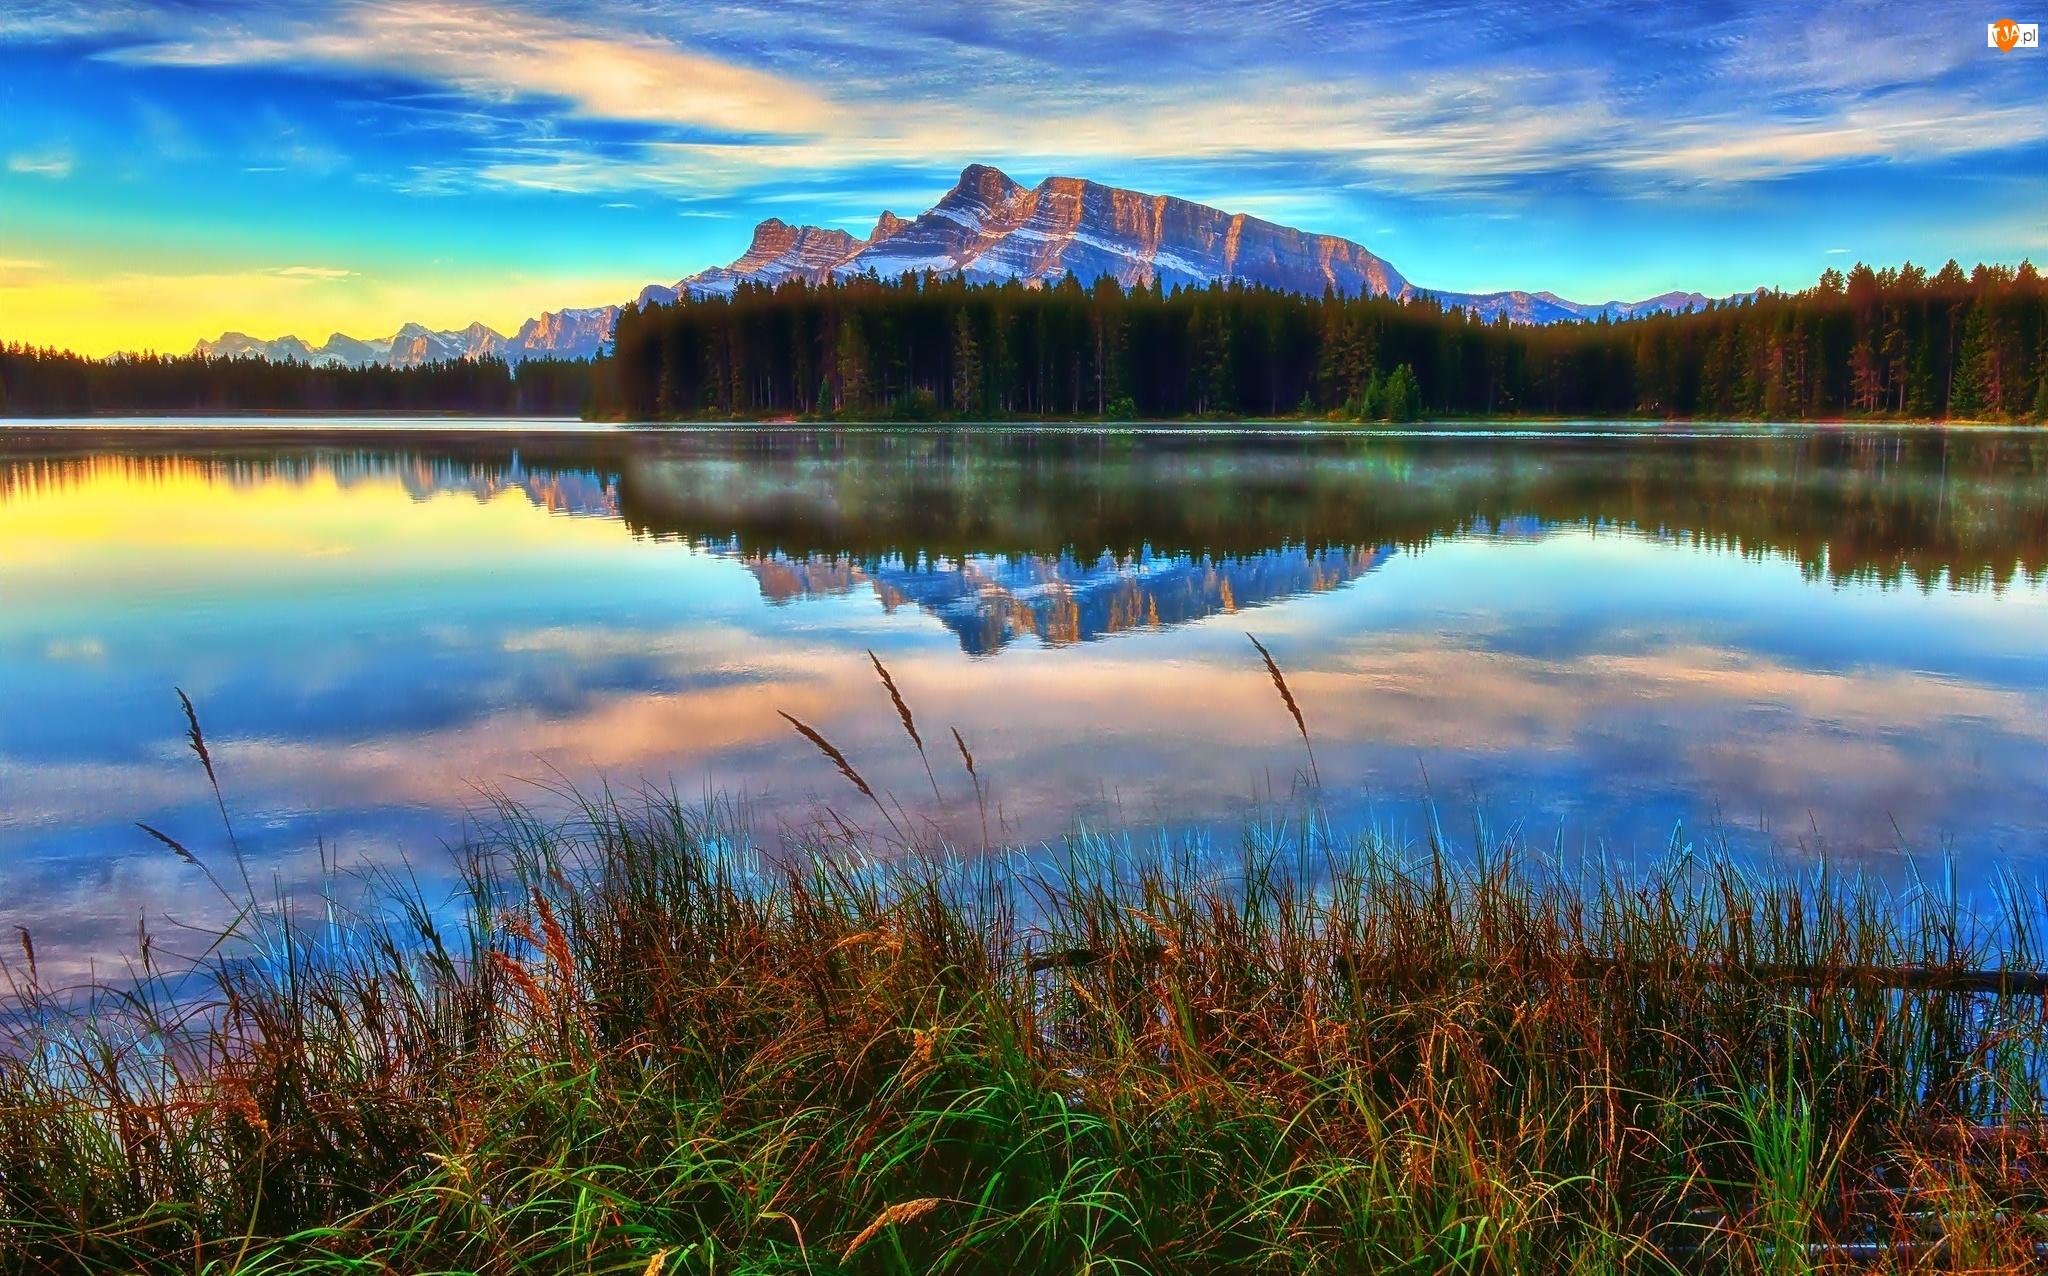 Las, Góry, Prowincja Alberta, Kanada, Trawa, Park Narodowy Banff, Jezioro